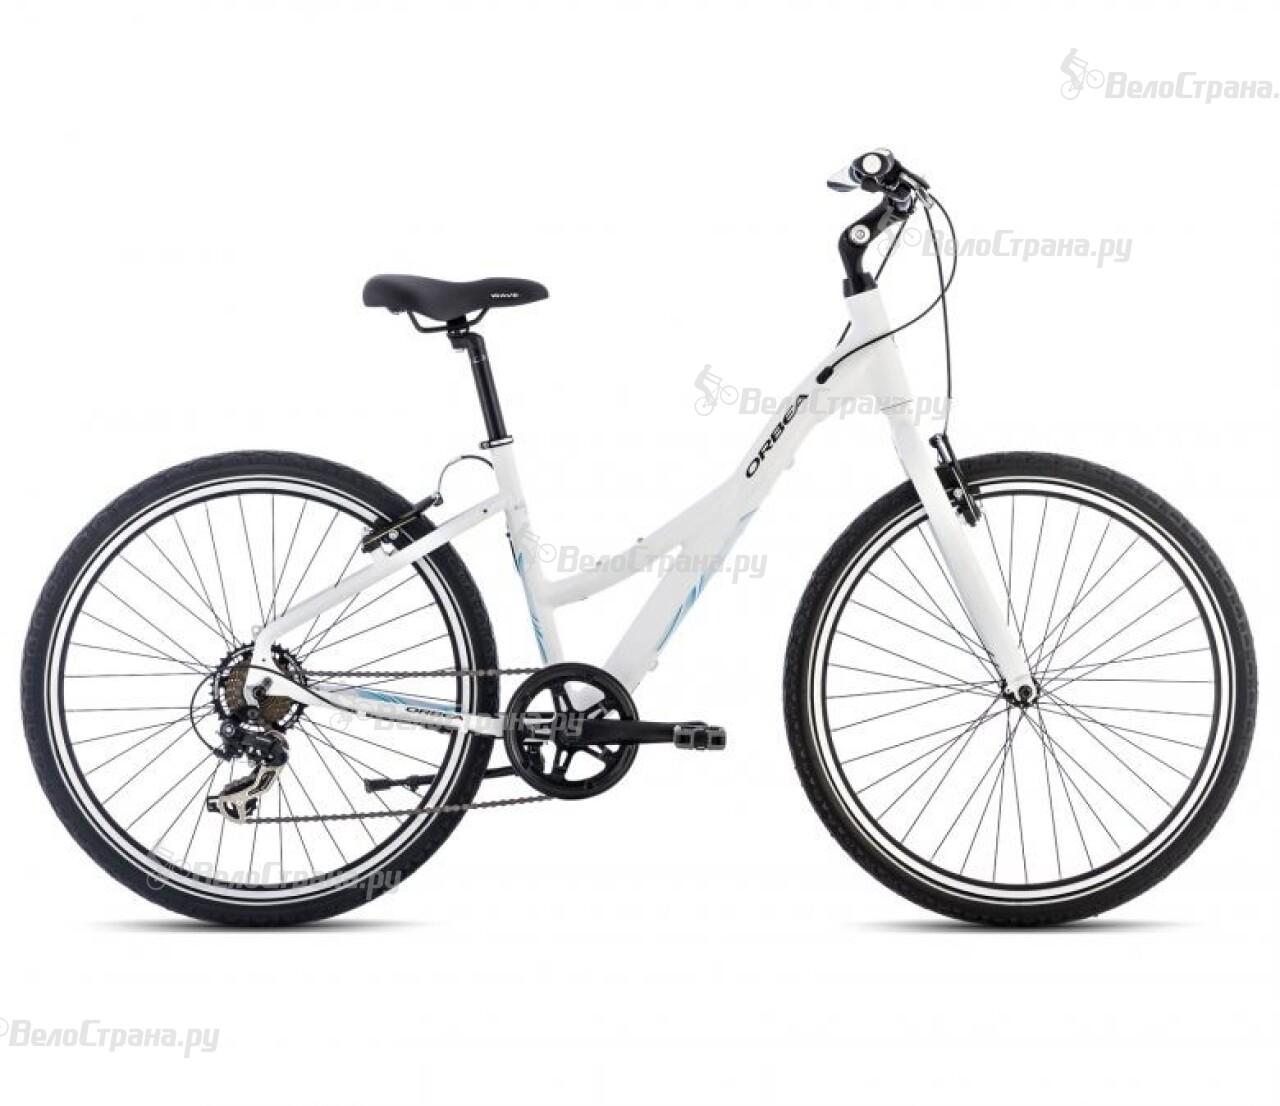 Велосипед Orbea Comfort 26 40 Open (2014) велосипед orbea comfort 26 30 open eq 2014